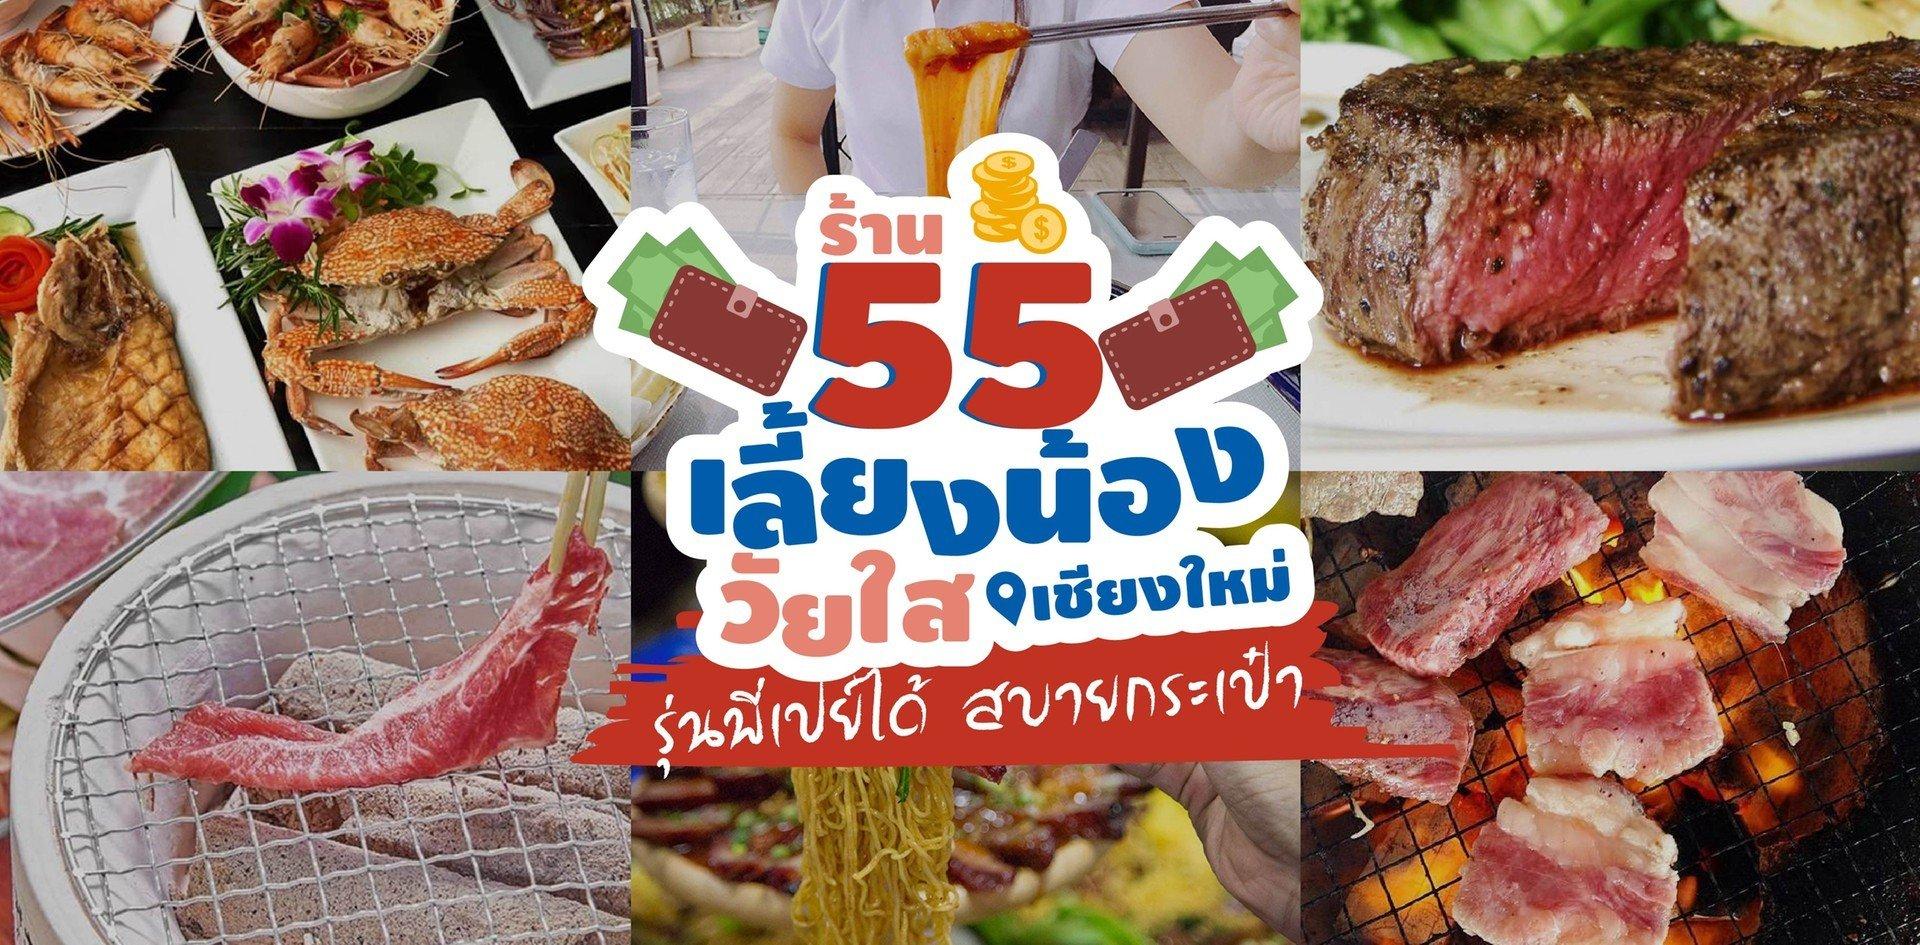 55 ร้านอาหารเลี้ยงรุ่นน้อง ราคานี้รุ่นพี่เปย์ได้